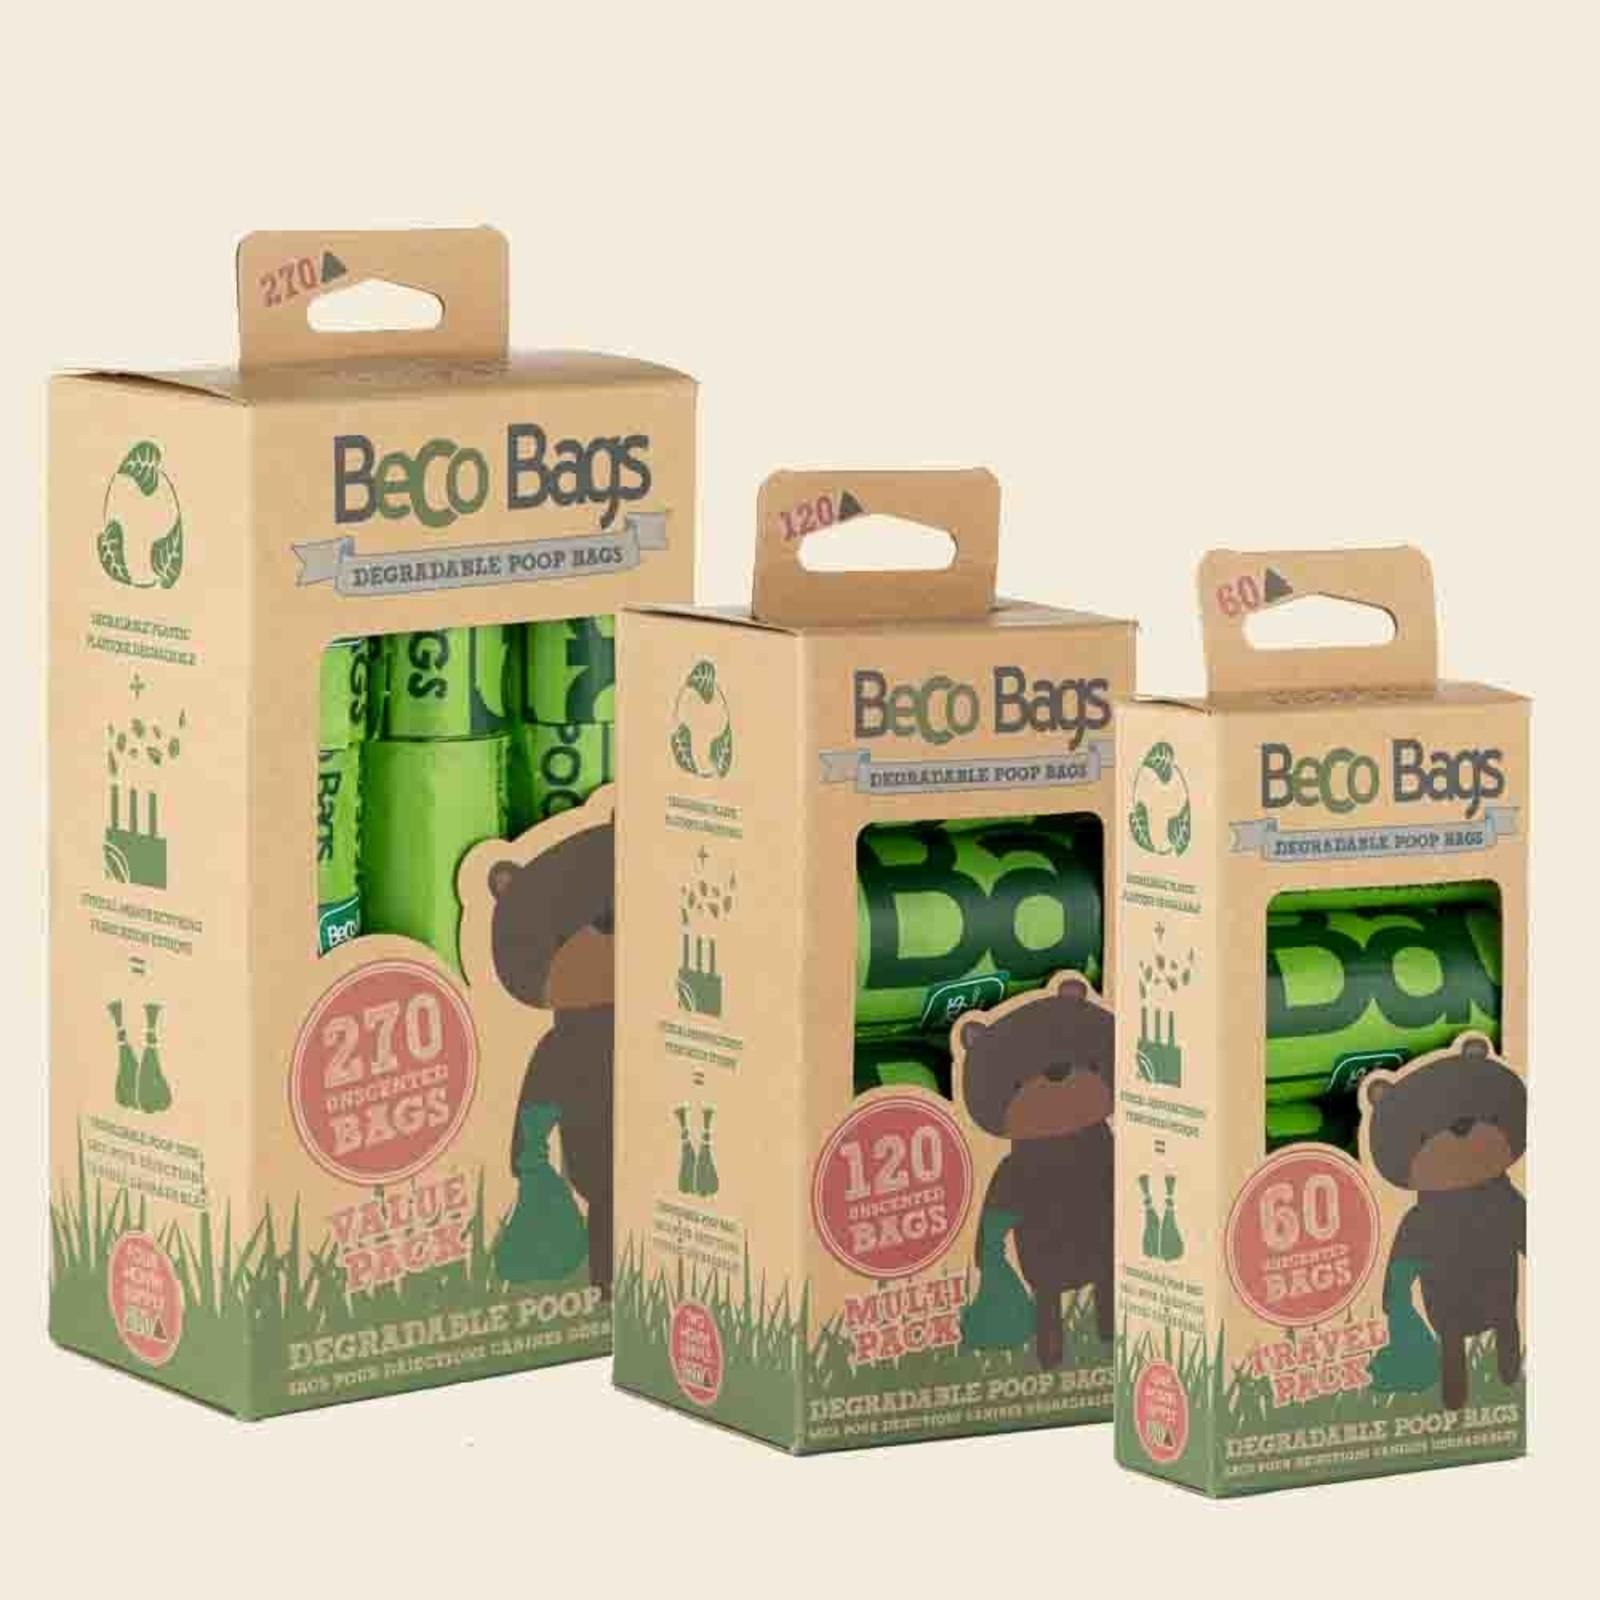 Beco Bags | Eco-Friendly Poop Bags